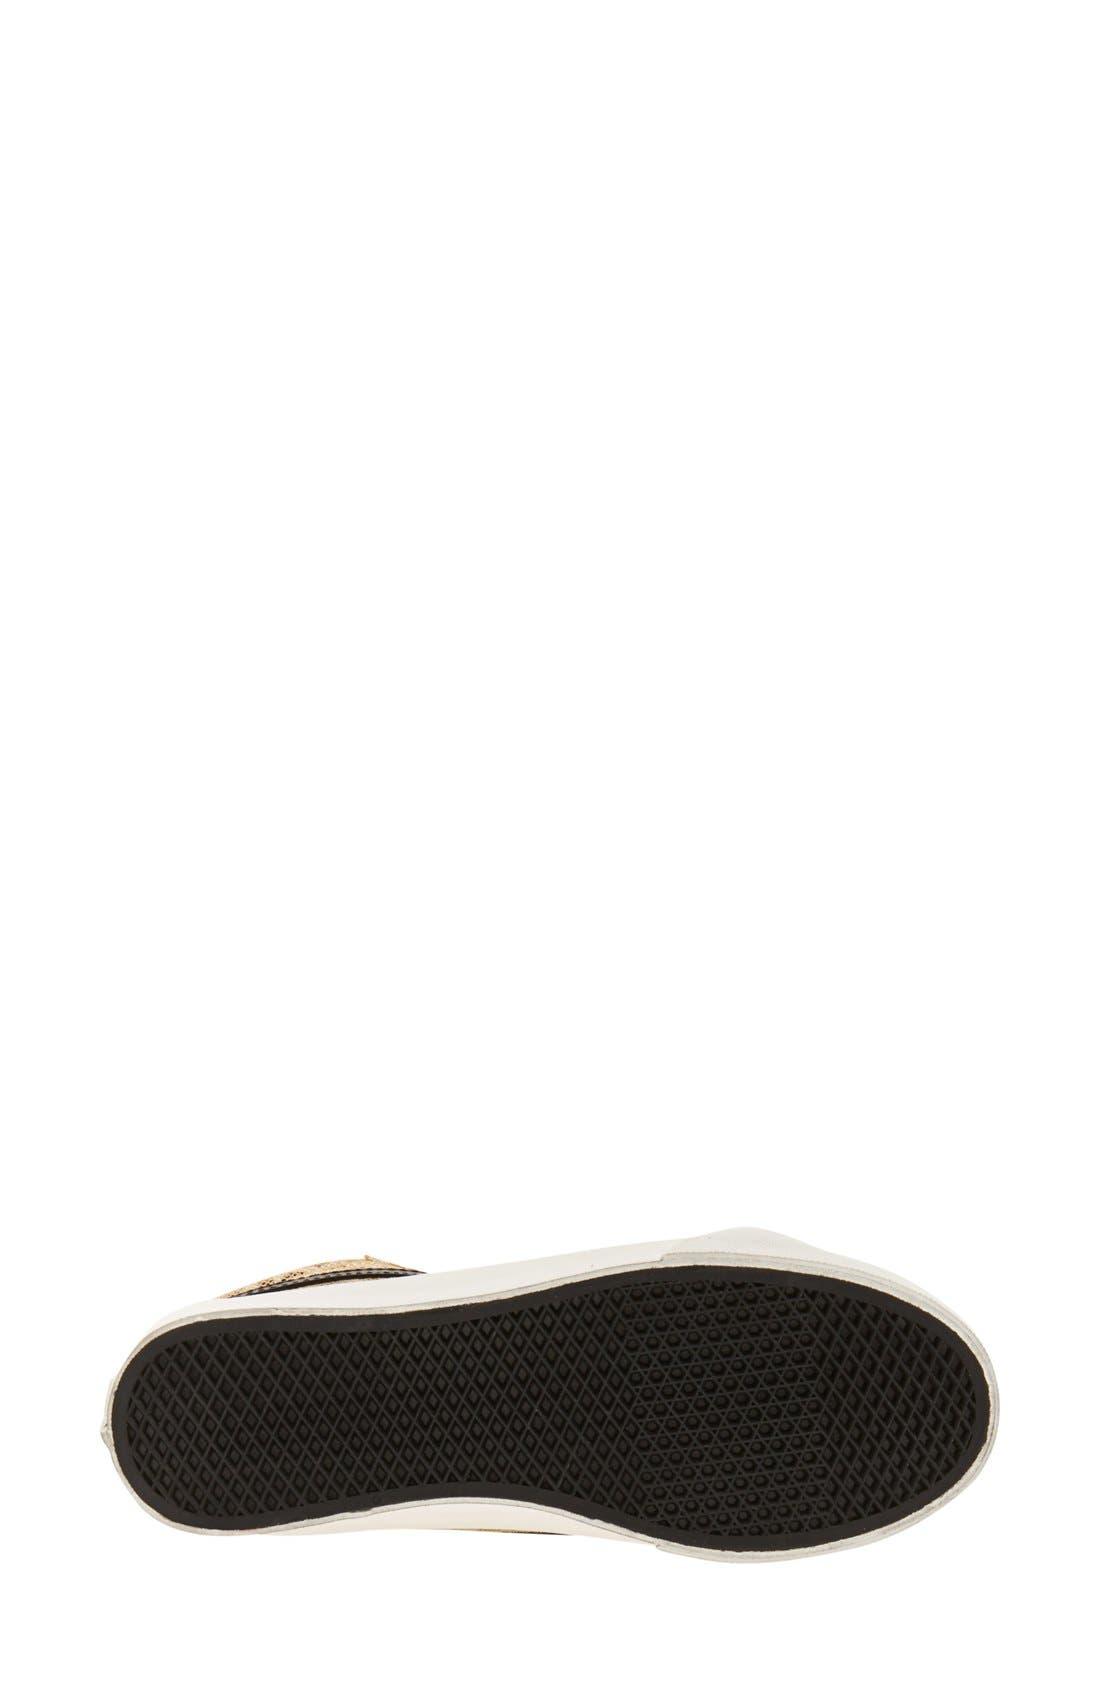 'Sk8-Hi' Zip Sneaker,                             Alternate thumbnail 2, color,                             200